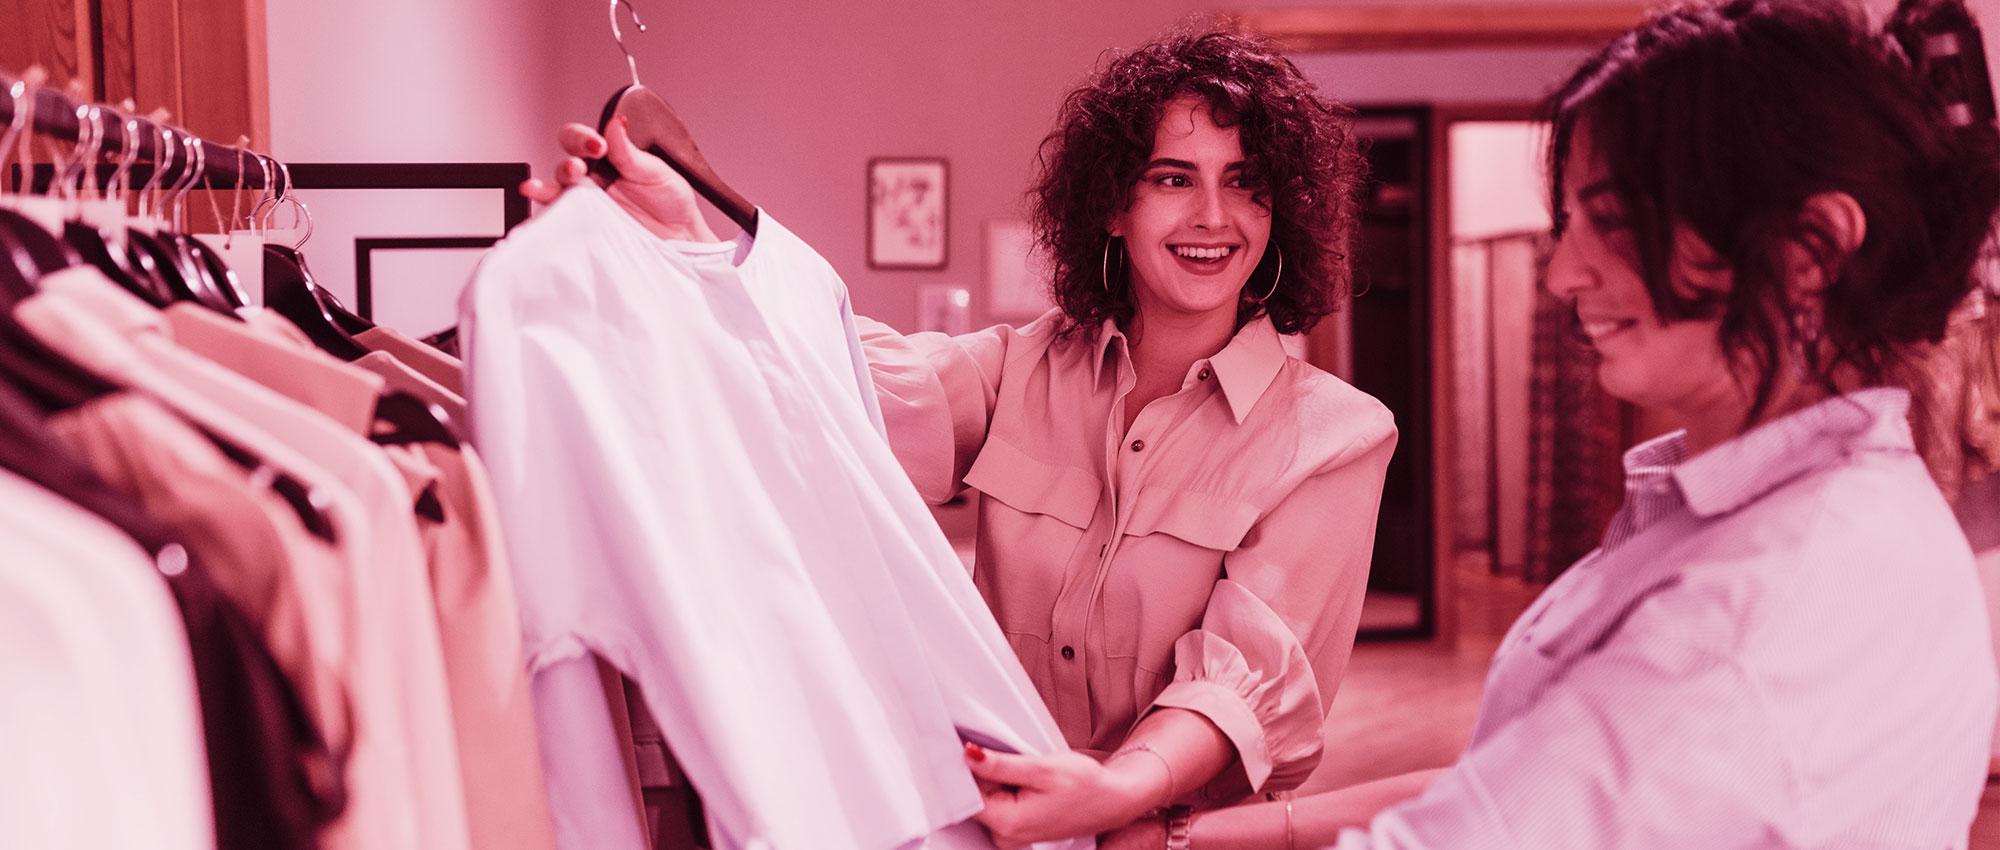 Sie sehen eine Szene aus dem Einzelhandel. Die eine Dame zeigt einer anderen eine schöne Bluse.